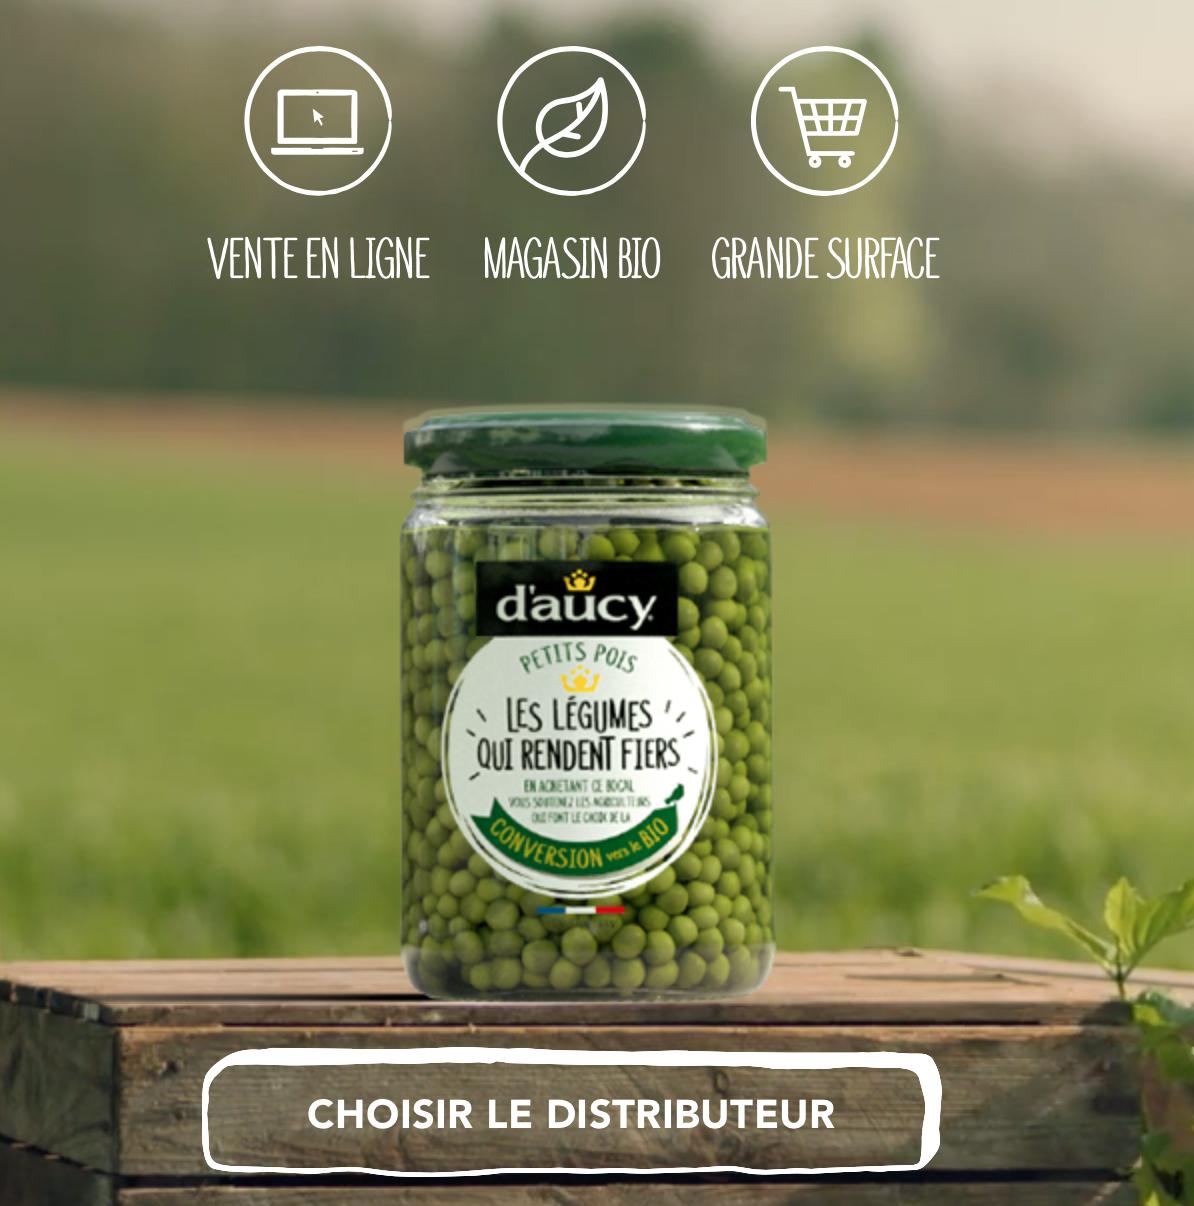 Capture d'écran 2019 06 05 à 21.17.23 - d'aucy sollicite les consommateurs pour créer une gamme de conversion au bio